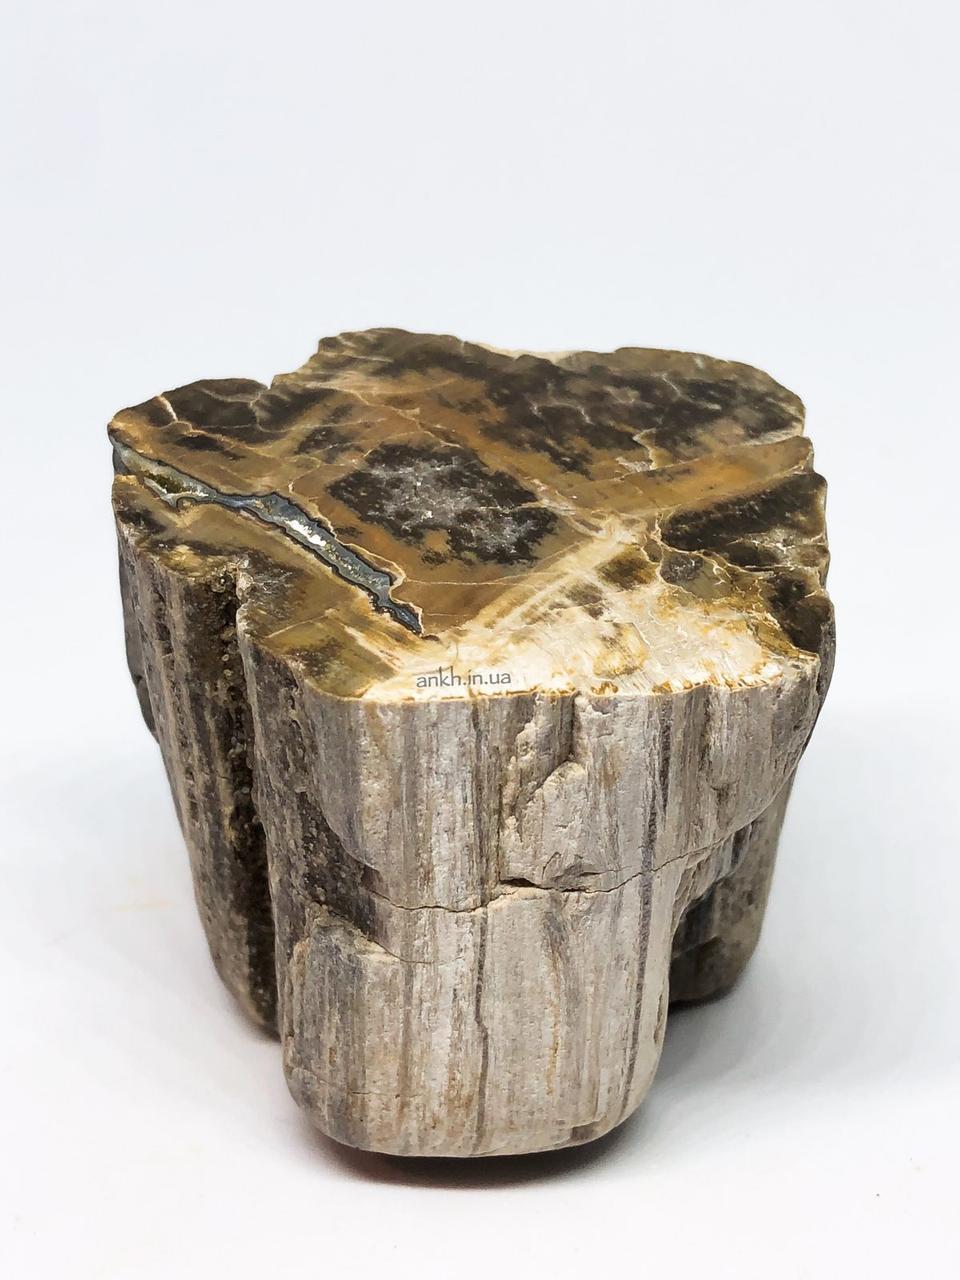 Окаменелое дерево (1), 261 г